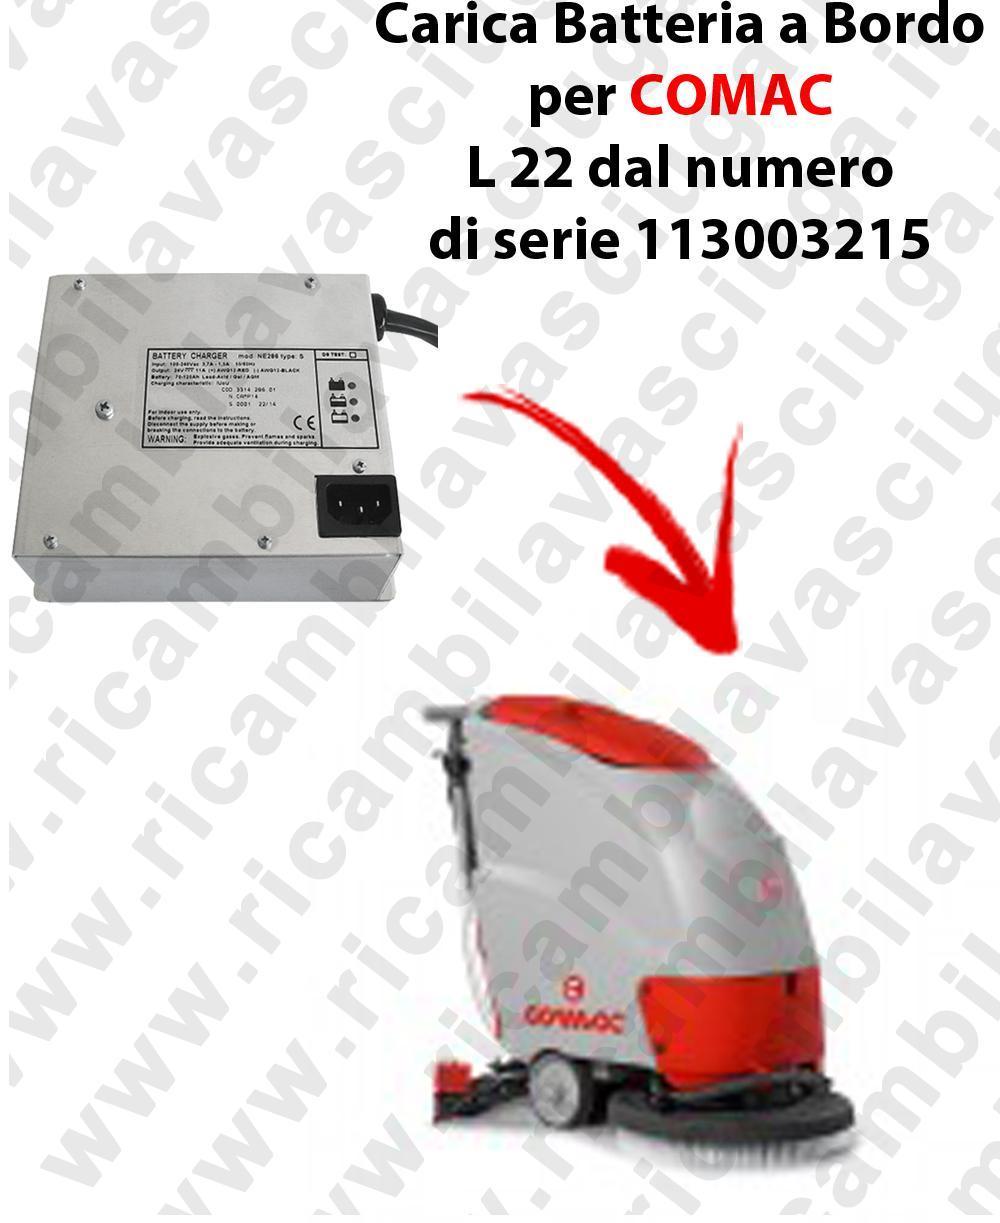 L 22 von der Seriennummer 113003215 Batterieladegerät auf bord für scheuersaugmaschinen COMAC